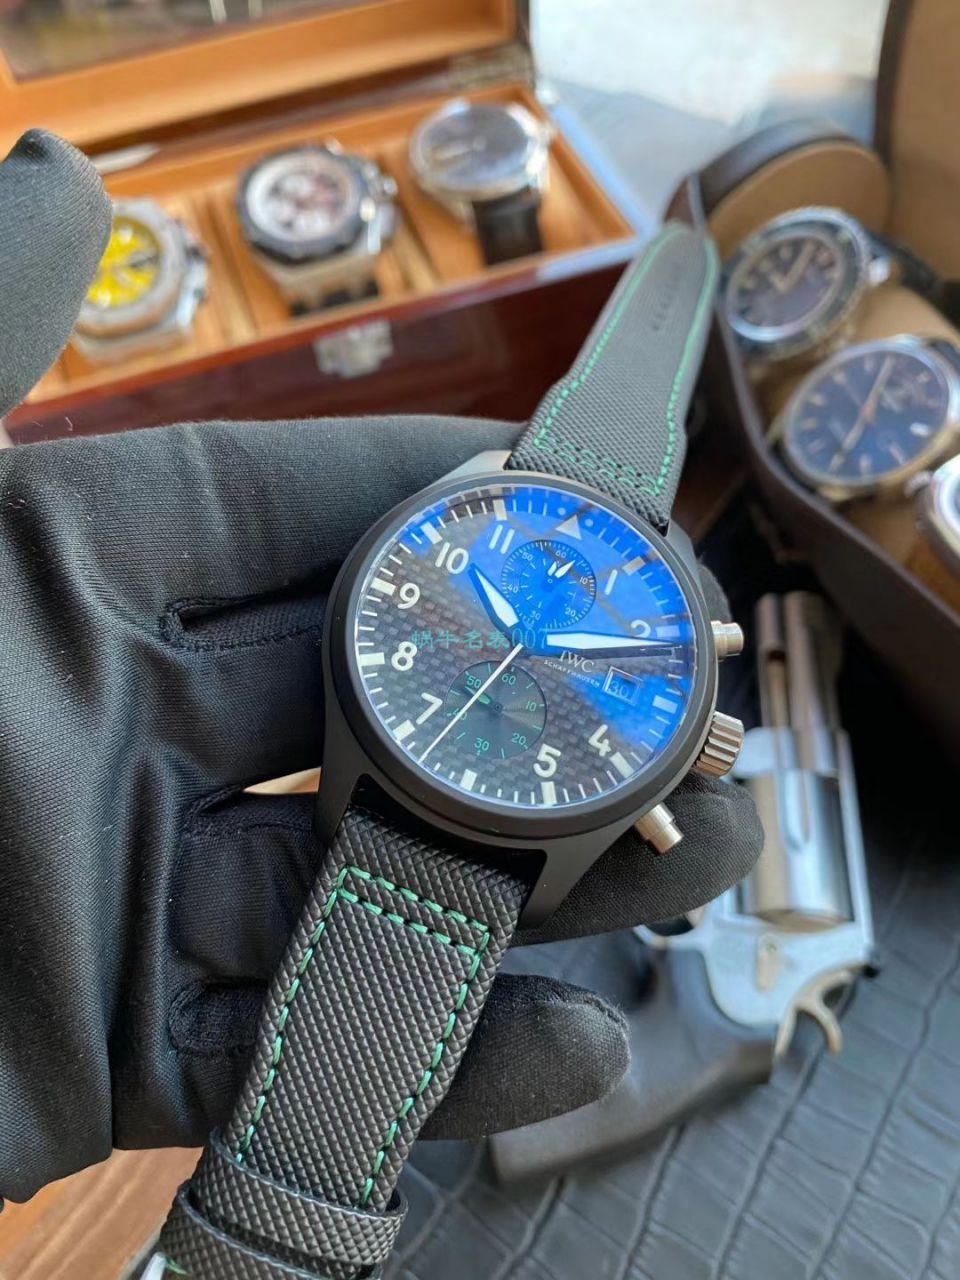 评测:YL厂万国复刻手表飞行员系列IW389005腕表(梅赛德斯AMG马石油车队特别版)